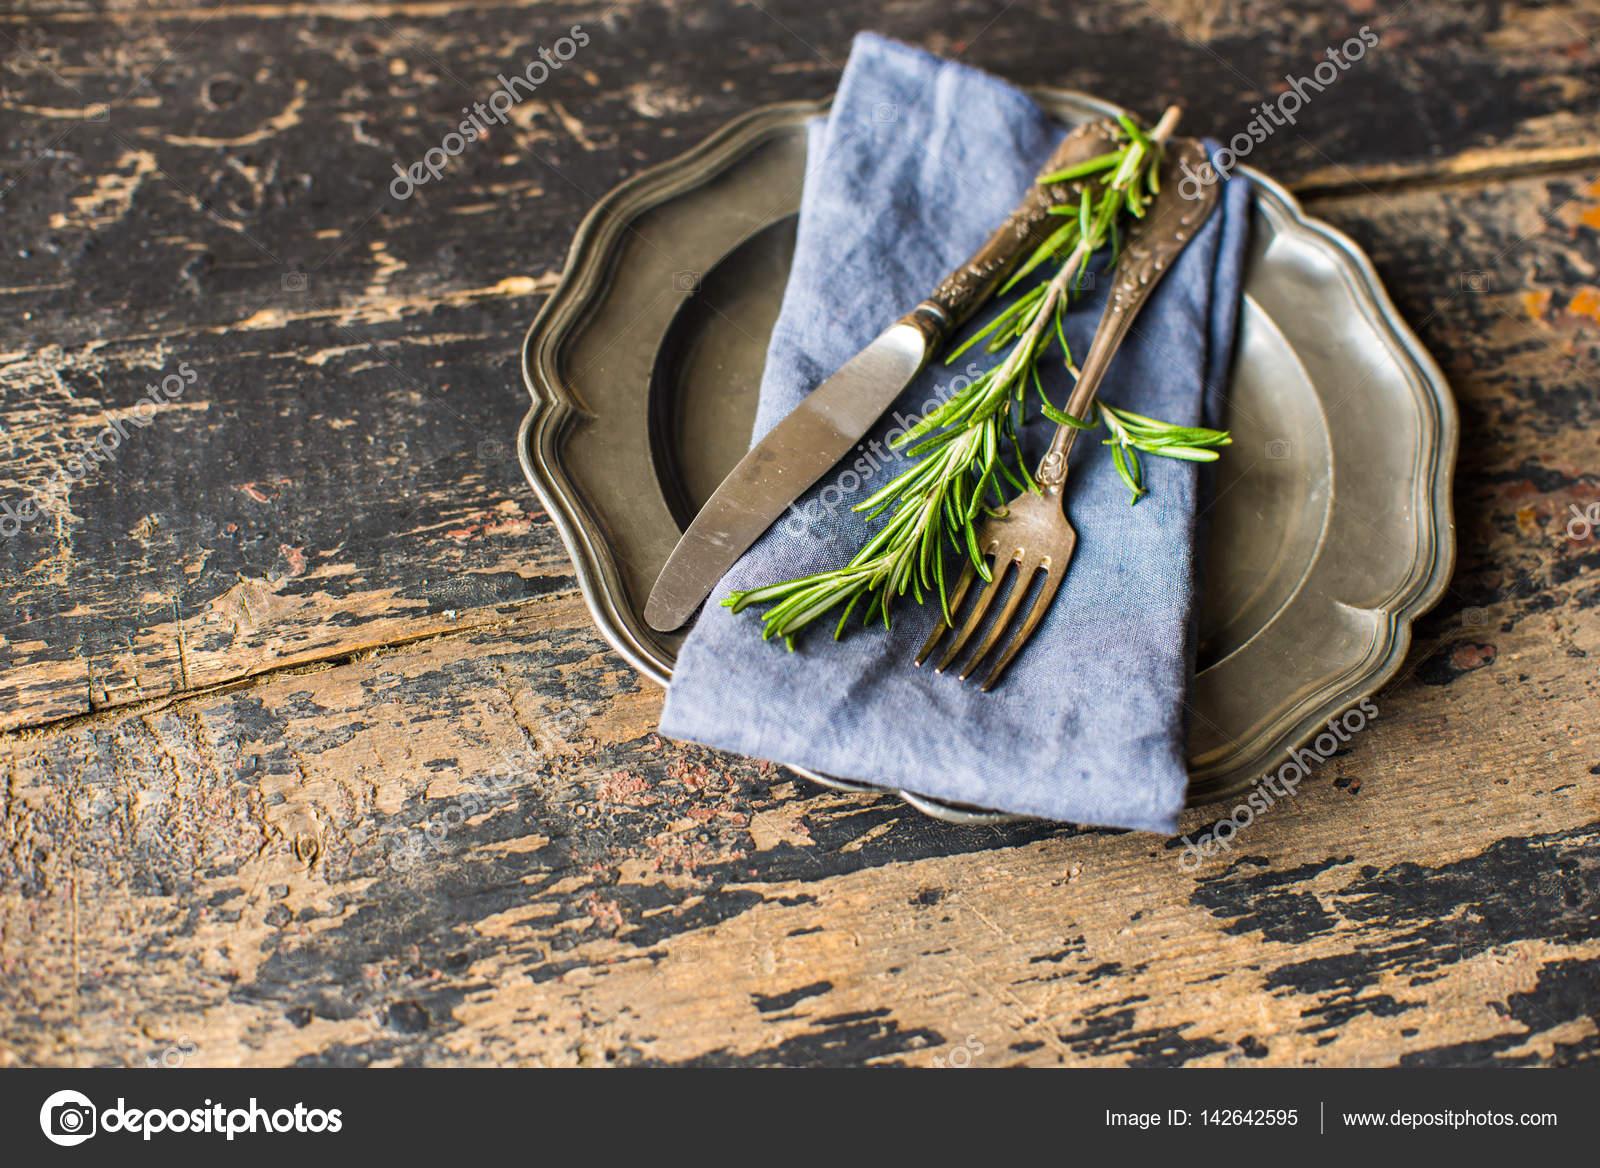 Tischdekoration Mit Rosmarin Stockfoto C Elet 1 142642595